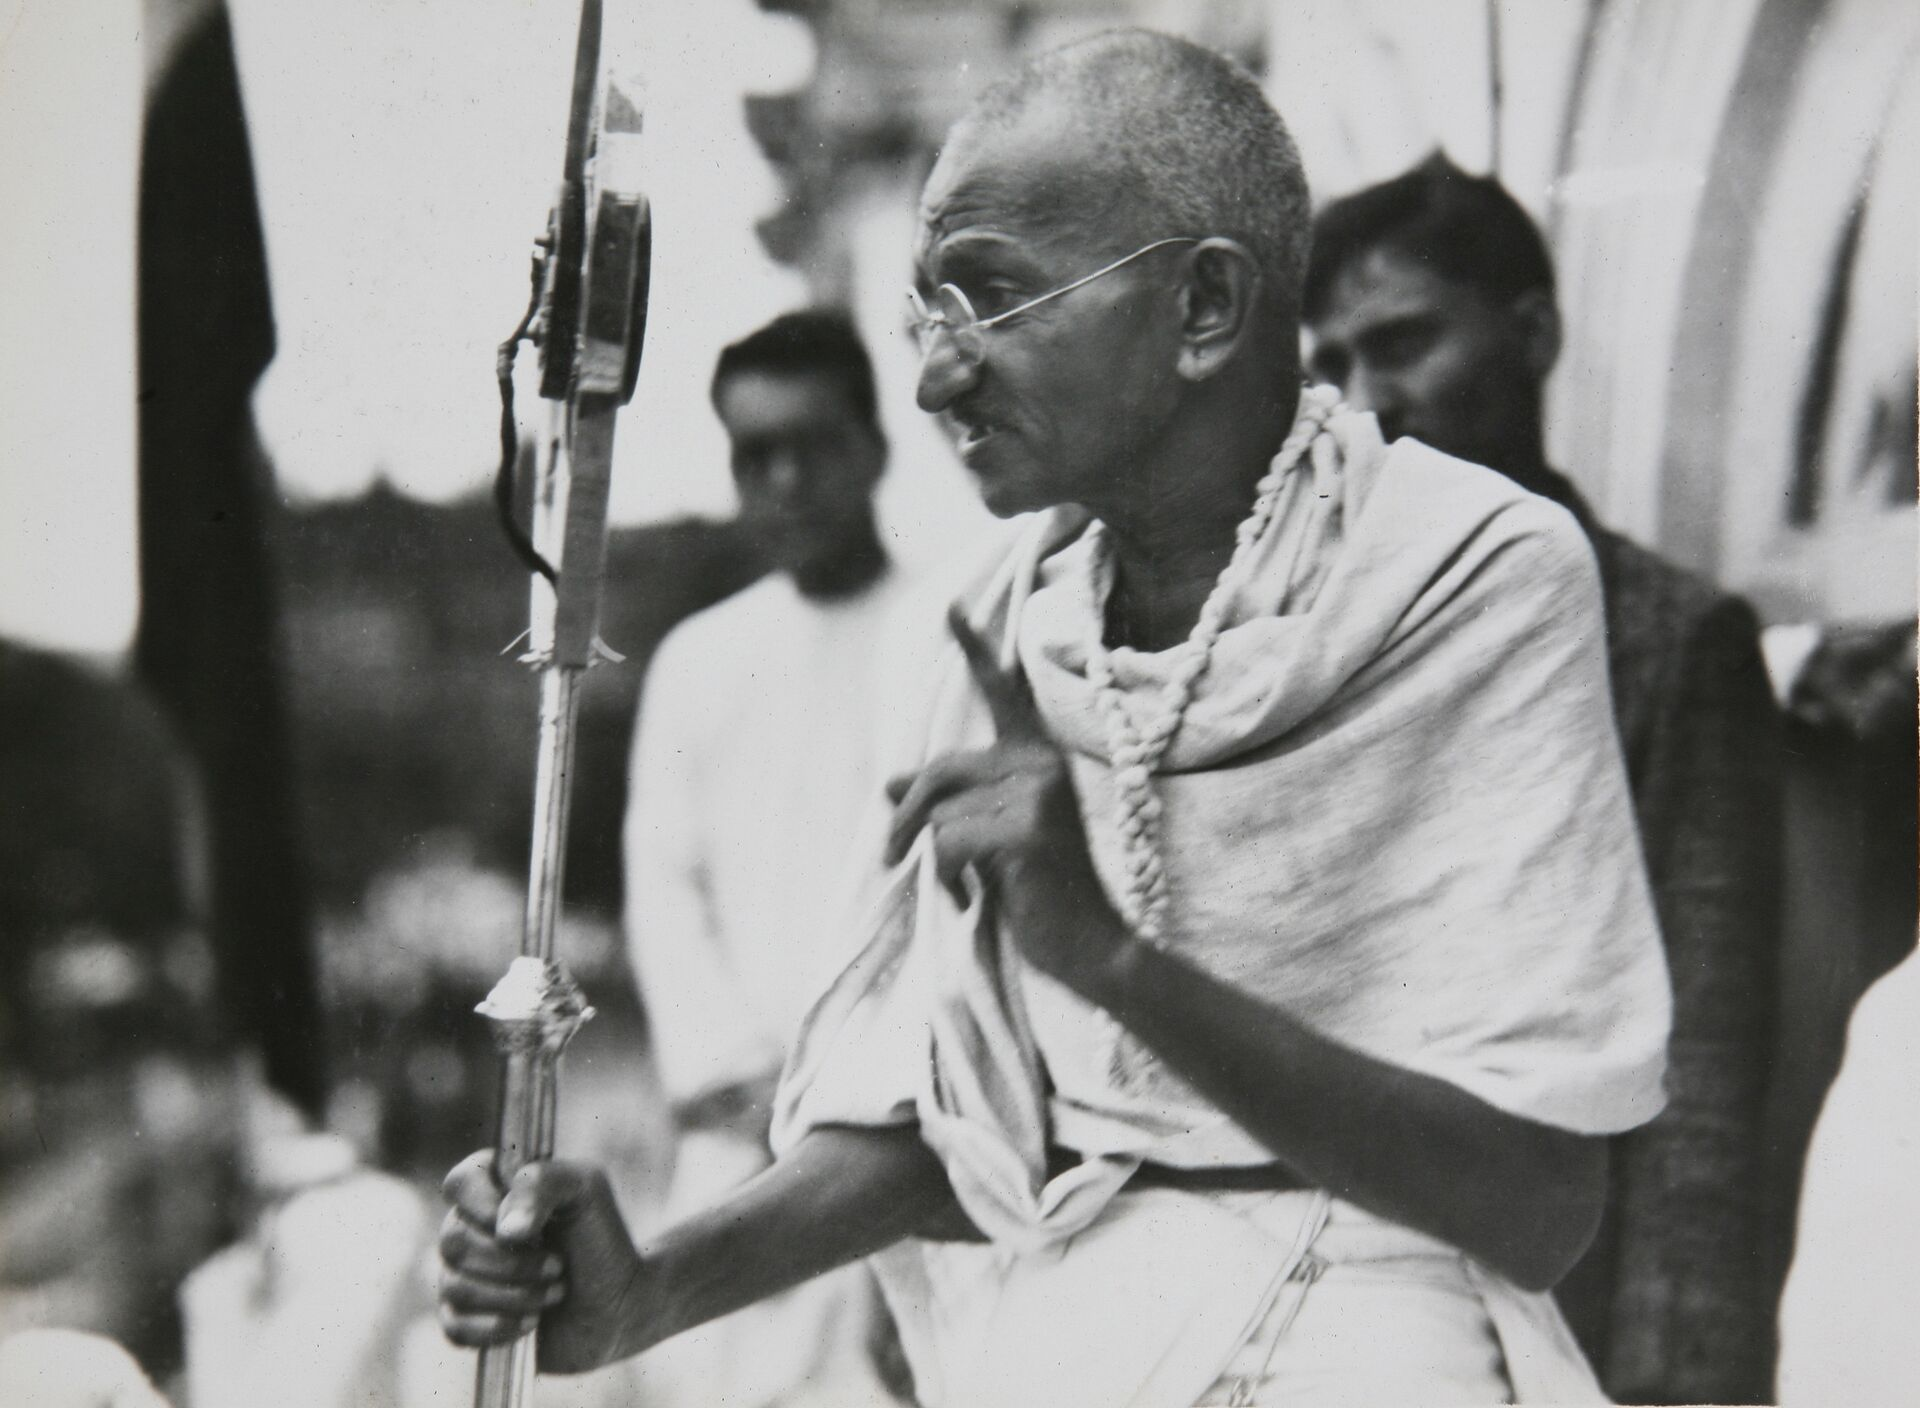 Один из руководителей и идеологов движения за независимость Индии от Великобритании Махатма Ганди - РИА Новости, 1920, 06.10.2020